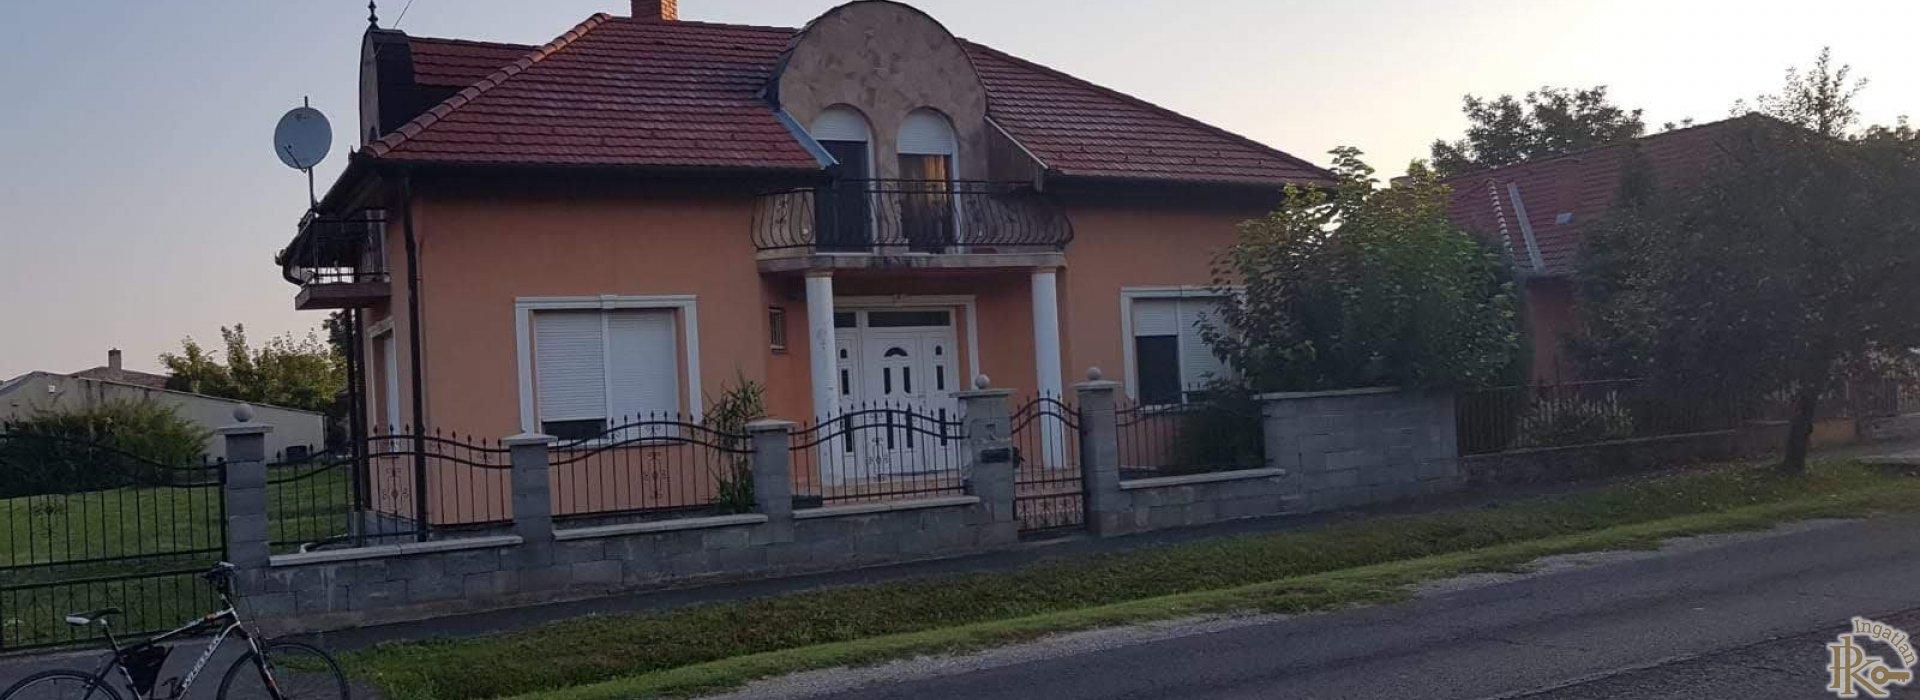 Kaposvár, Állomás utca 24.